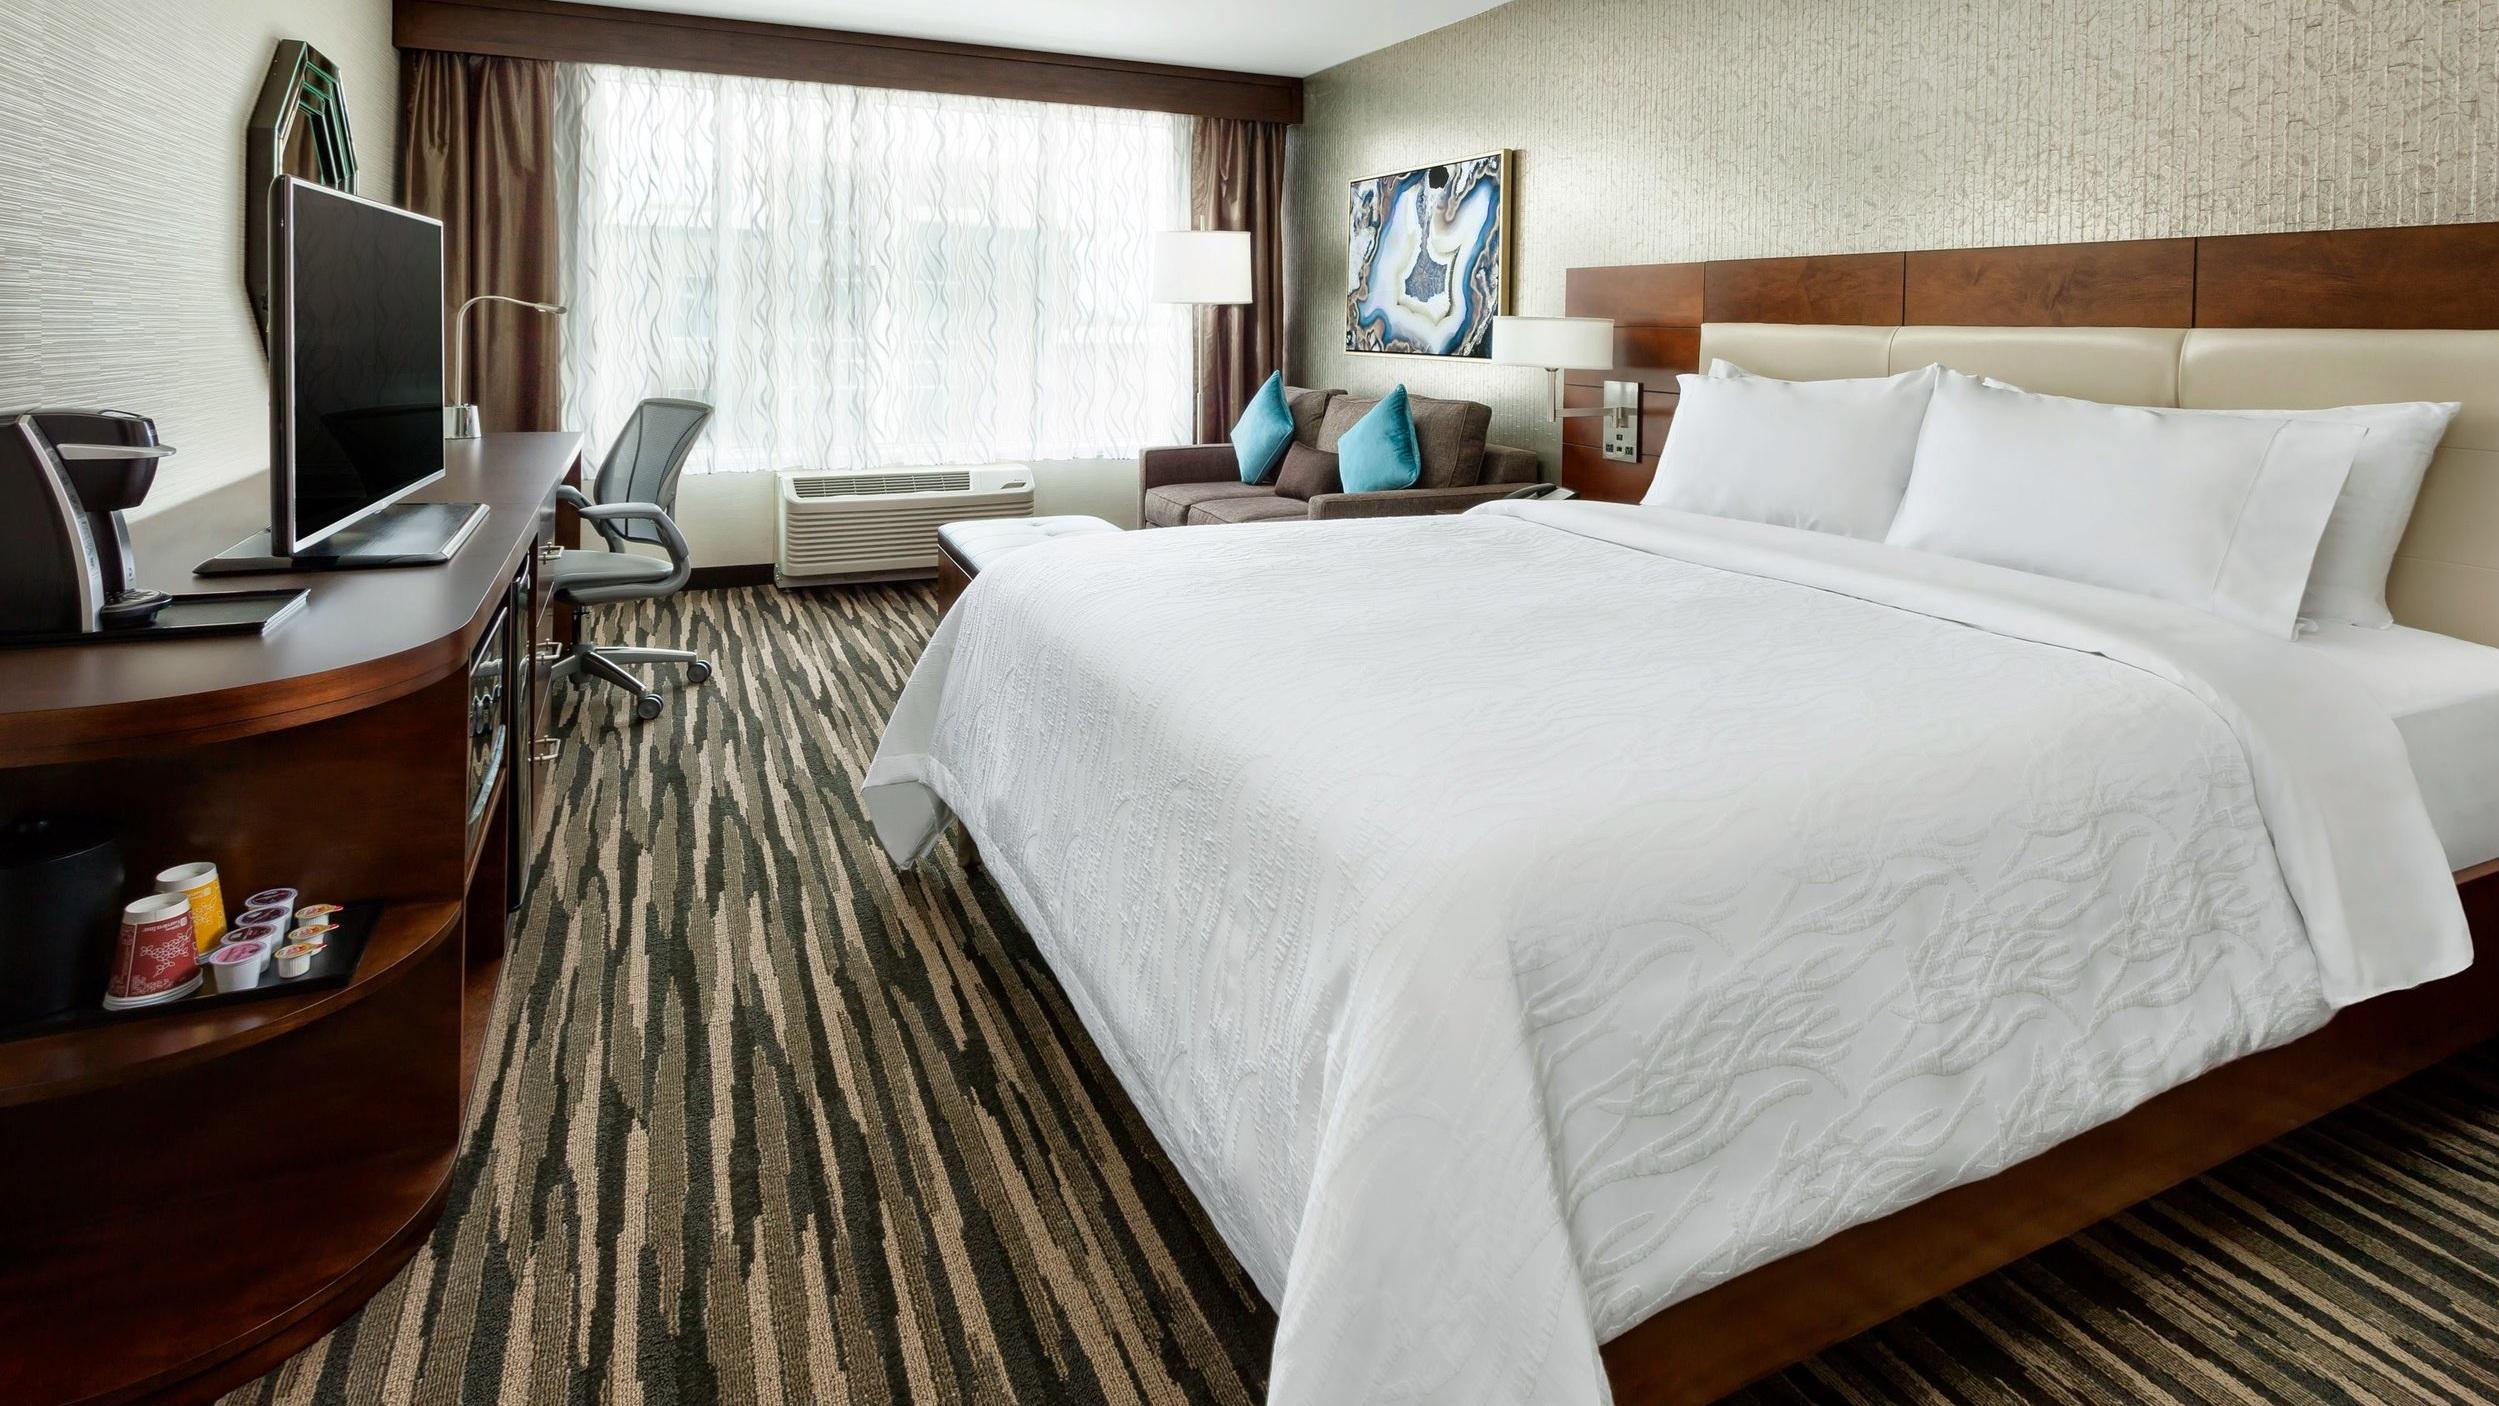 King Bedroom at Hilton Garden Inn, Palo Alto